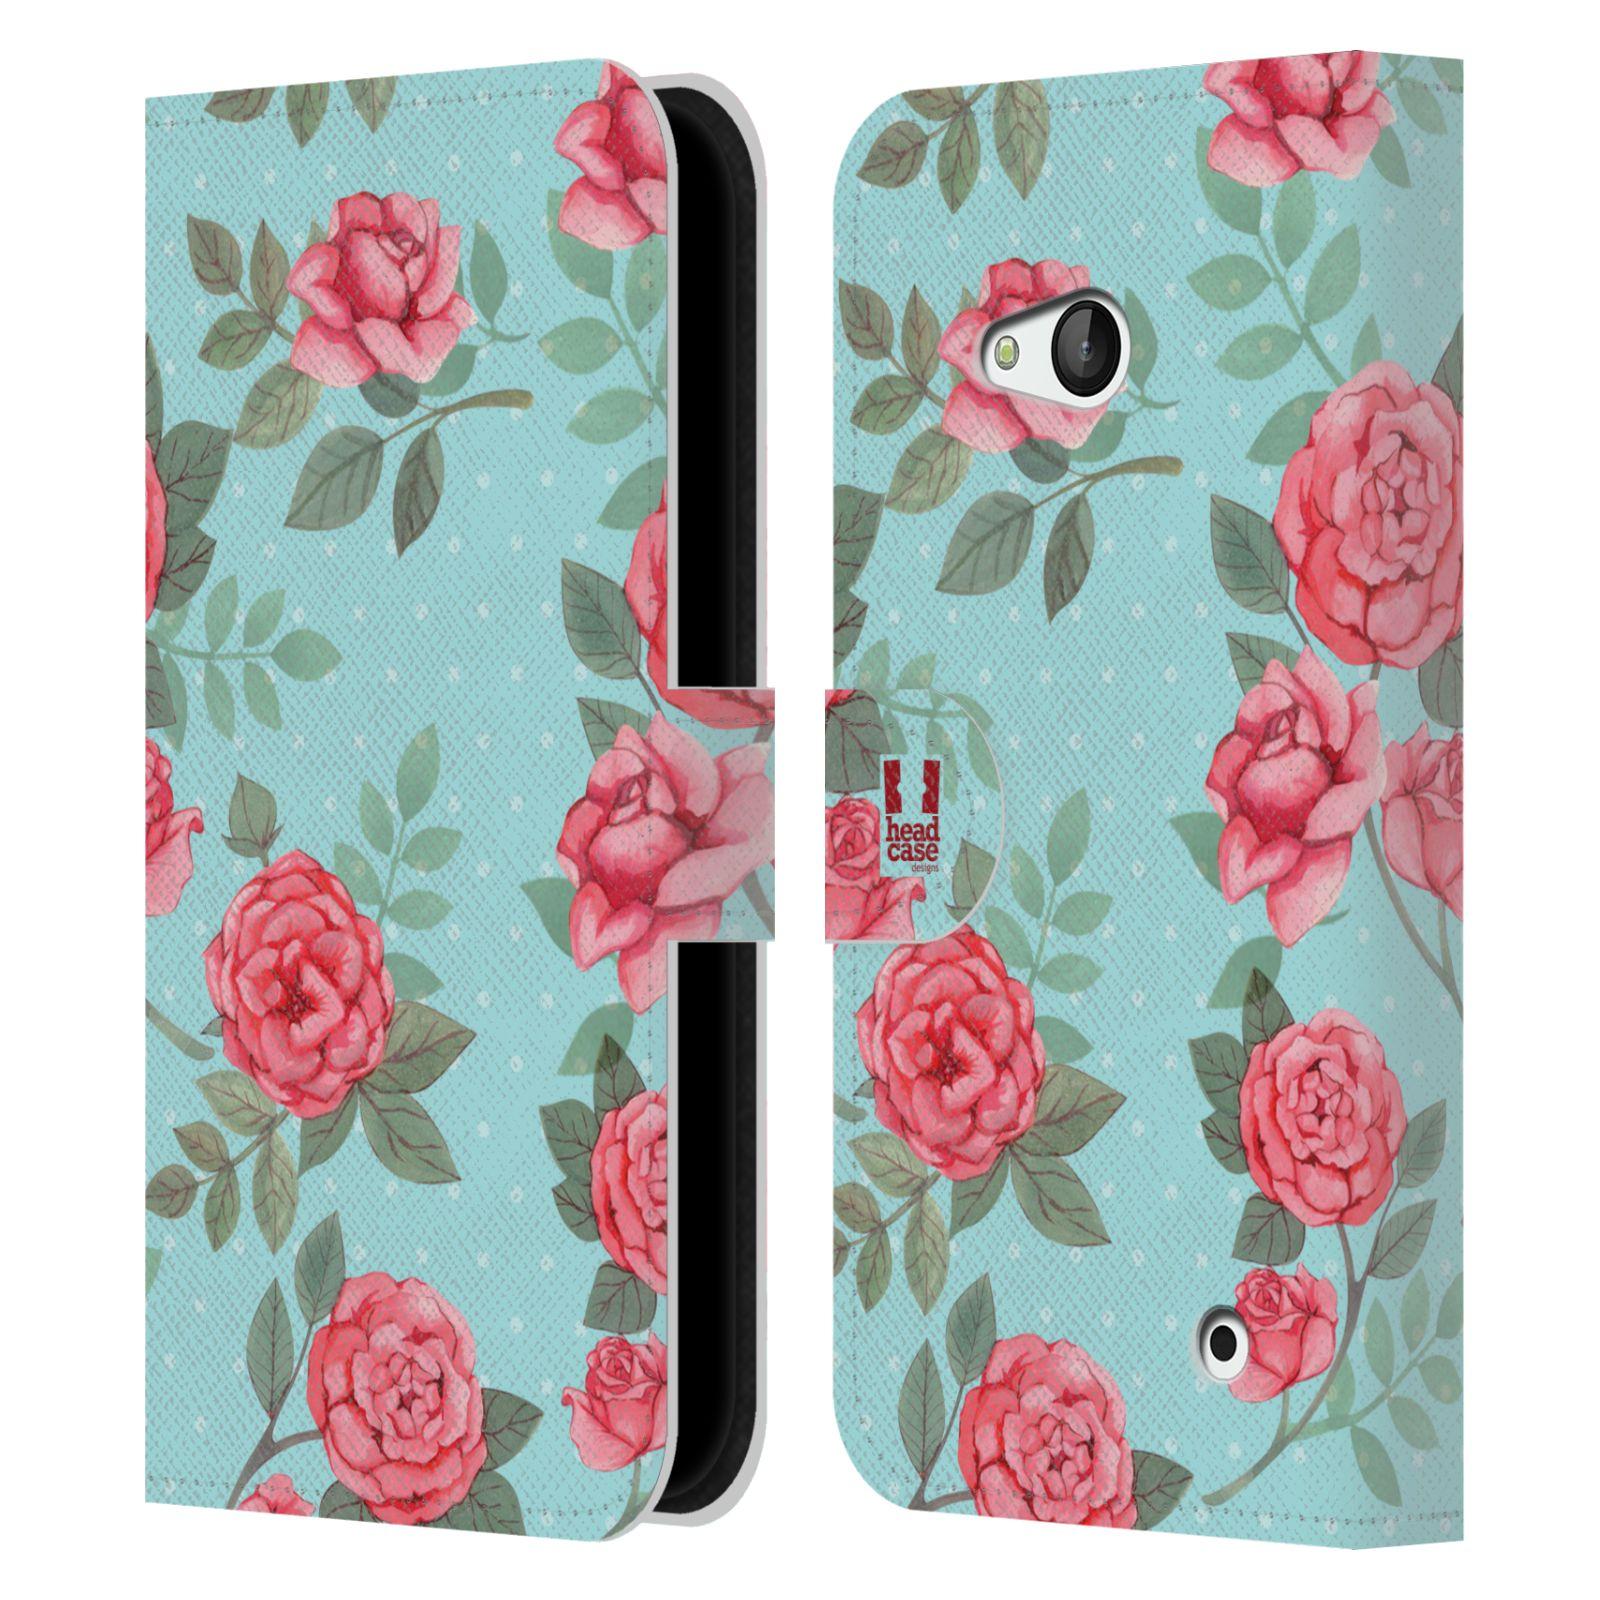 HEAD CASE Flipové pouzdro pro mobil NOKIA / MICROSOFT LUMIA 640 / LUMIA 640 DUAL romantické květy velké růže modrá a růžová